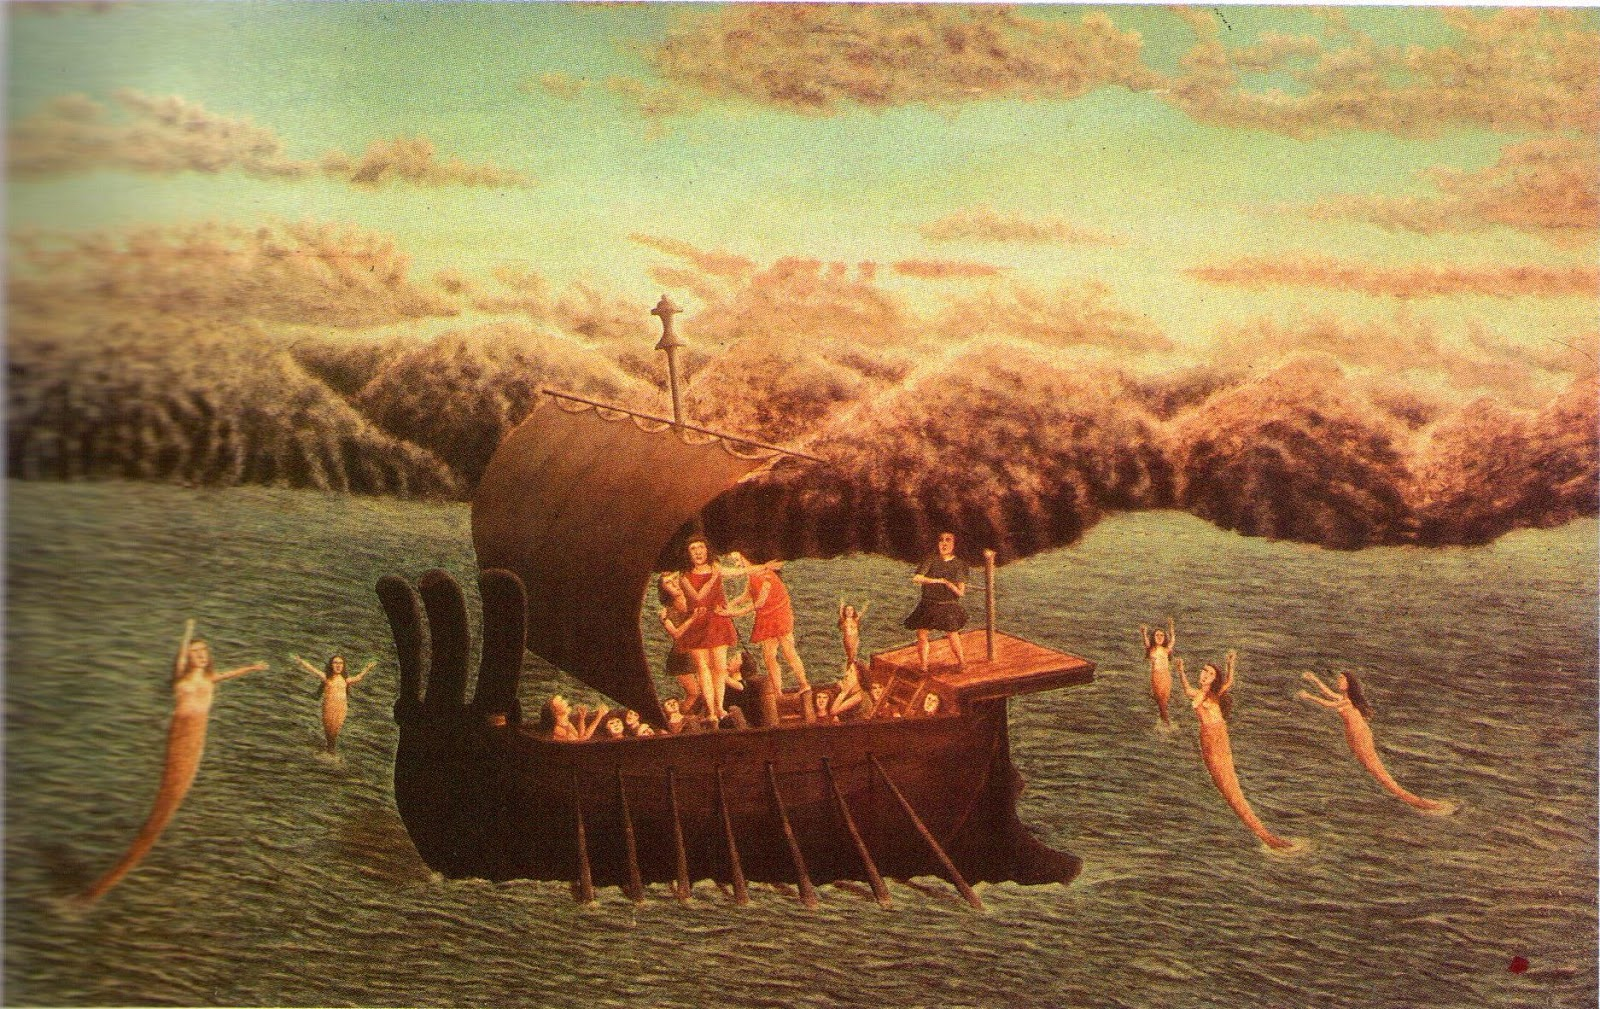 La rencontre d'ulysse et les sirenes